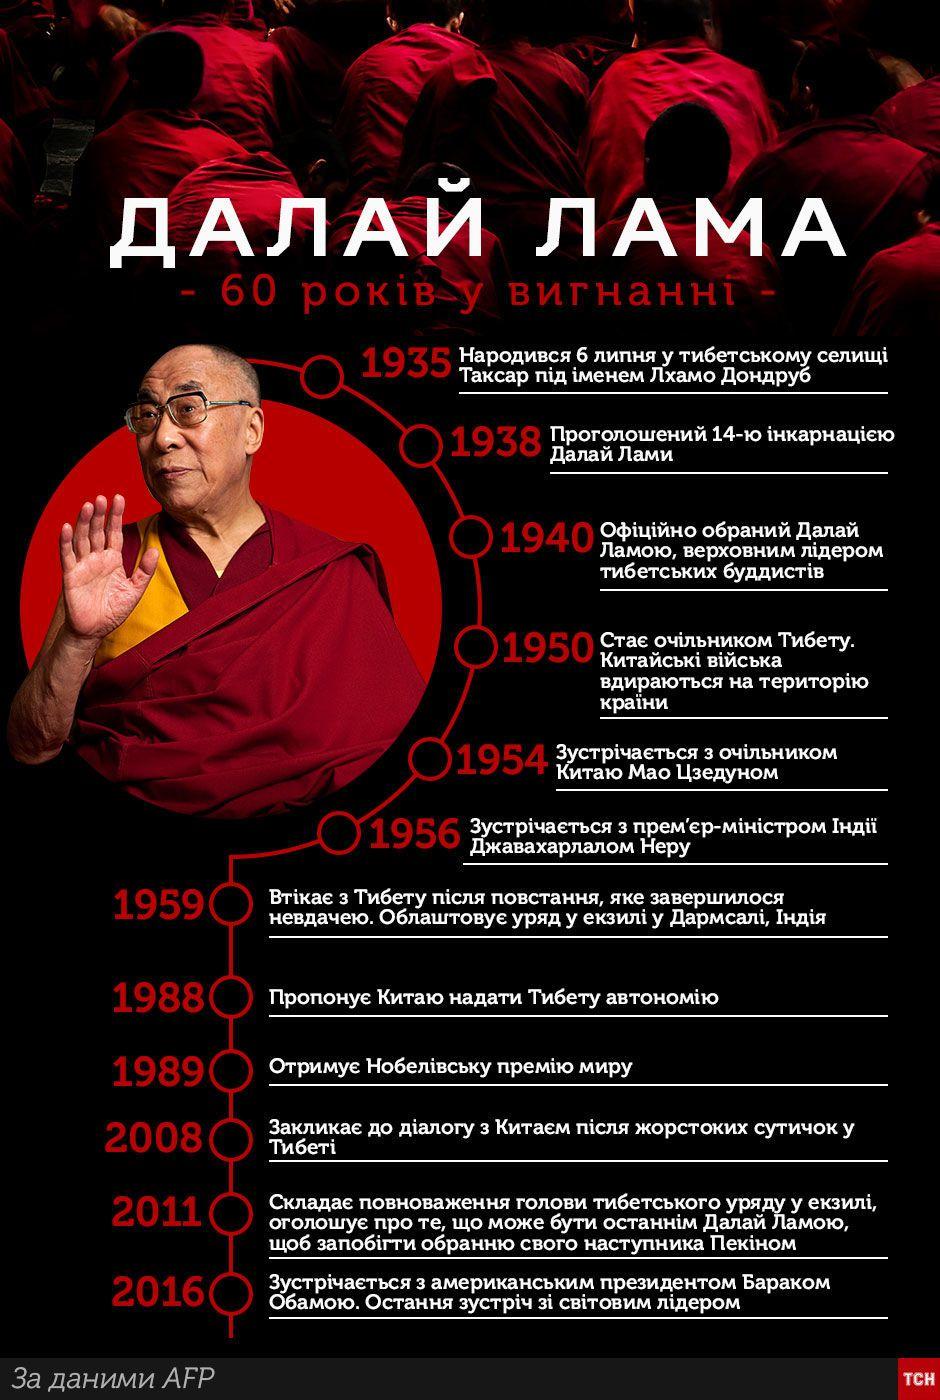 Далай-лама, Інфографіка